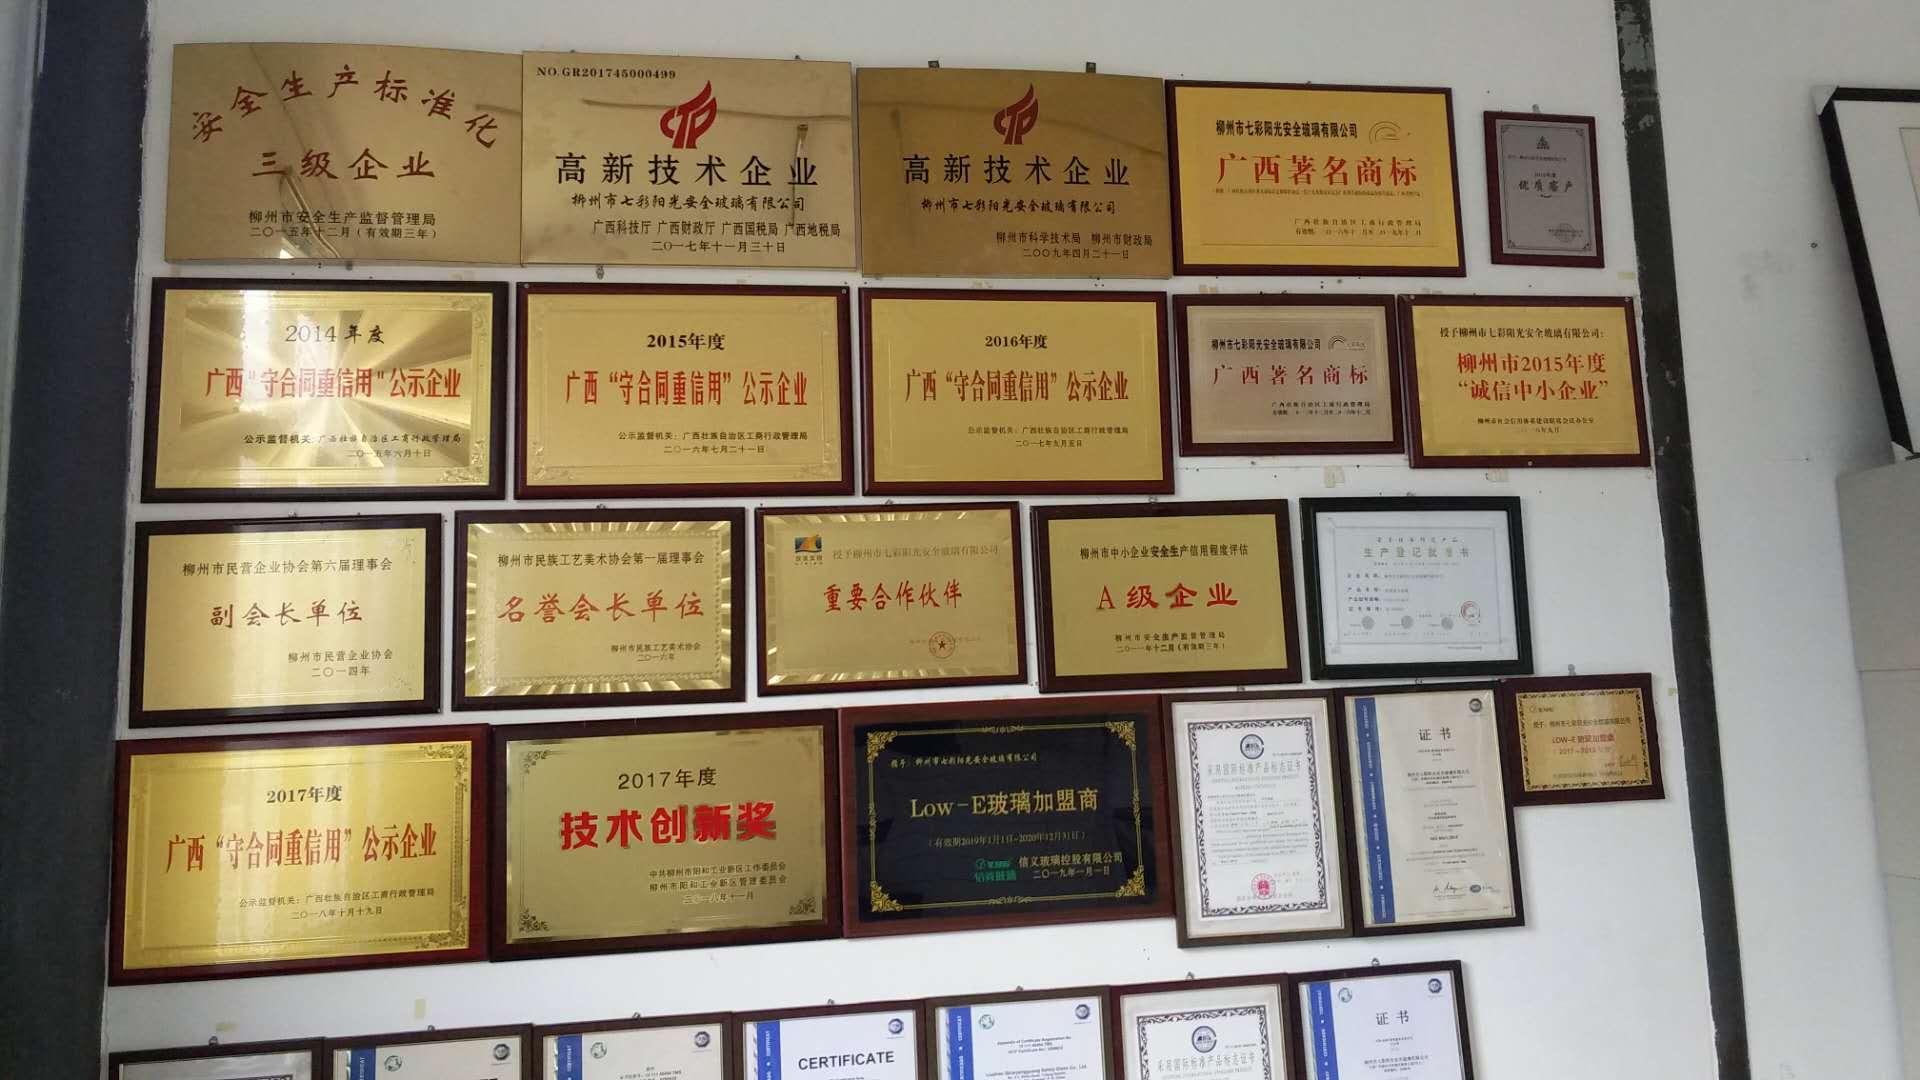 柳州市七彩阳光安全玻璃有限公司